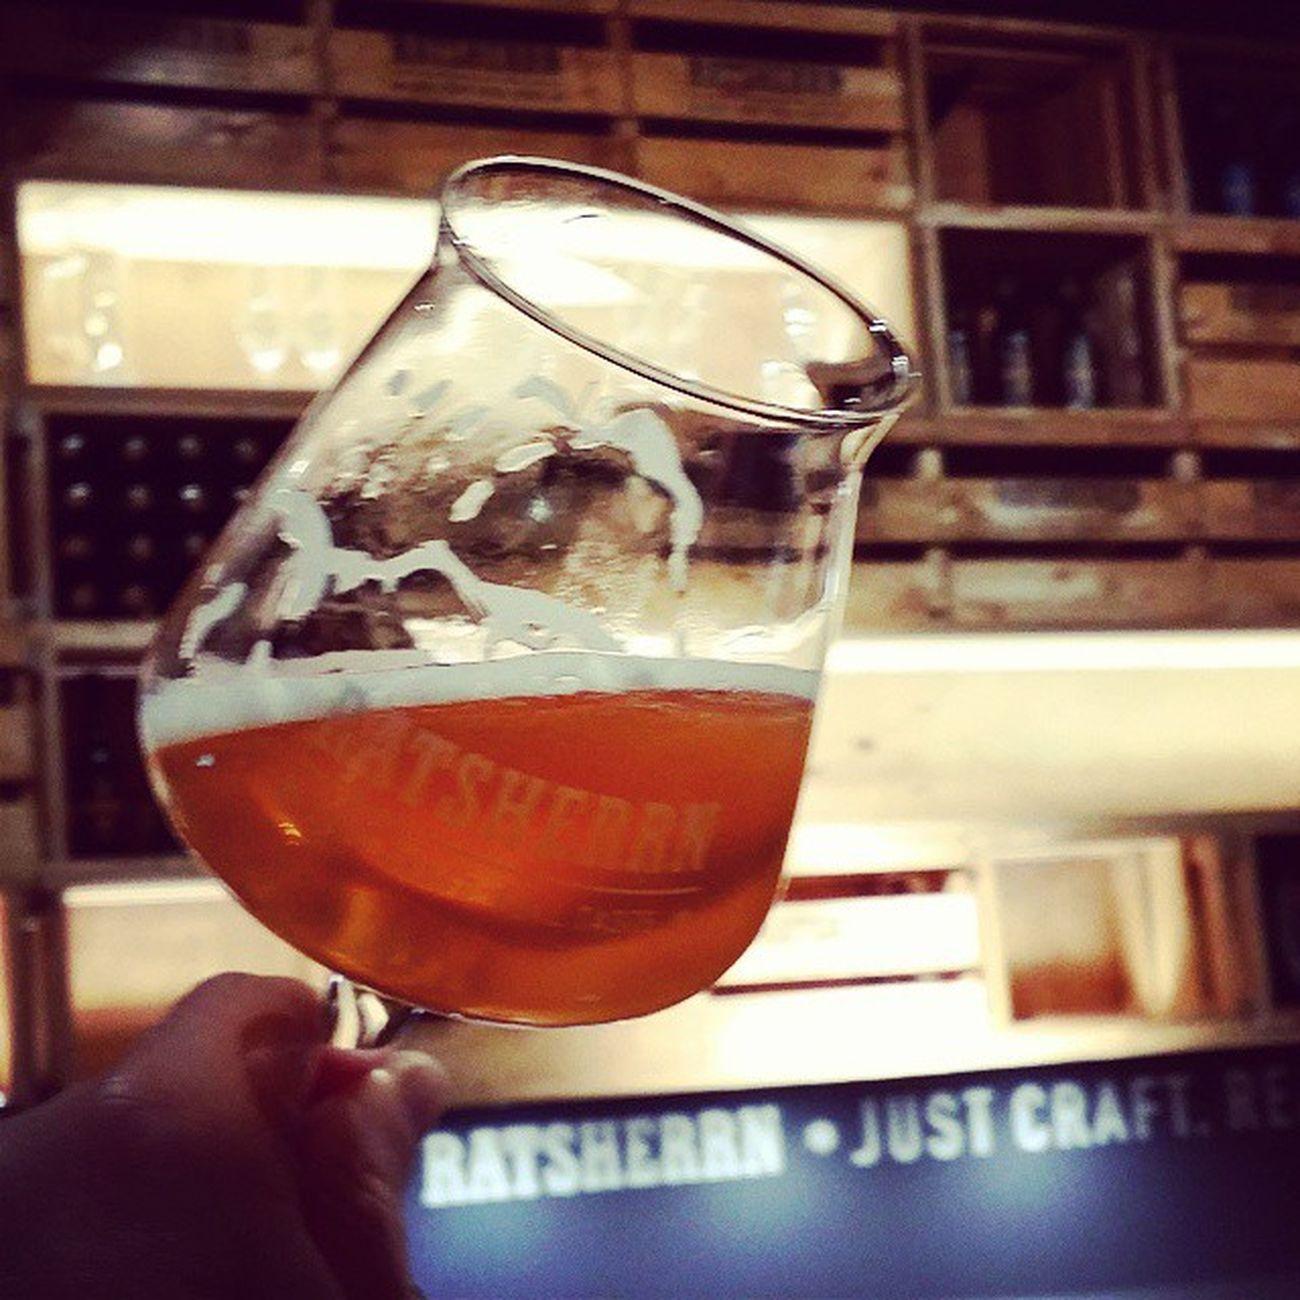 Biertasting in der Ratsherrn Brauerei - lecker! 🍻 Beer Craft Brauerei Bier Hamburg